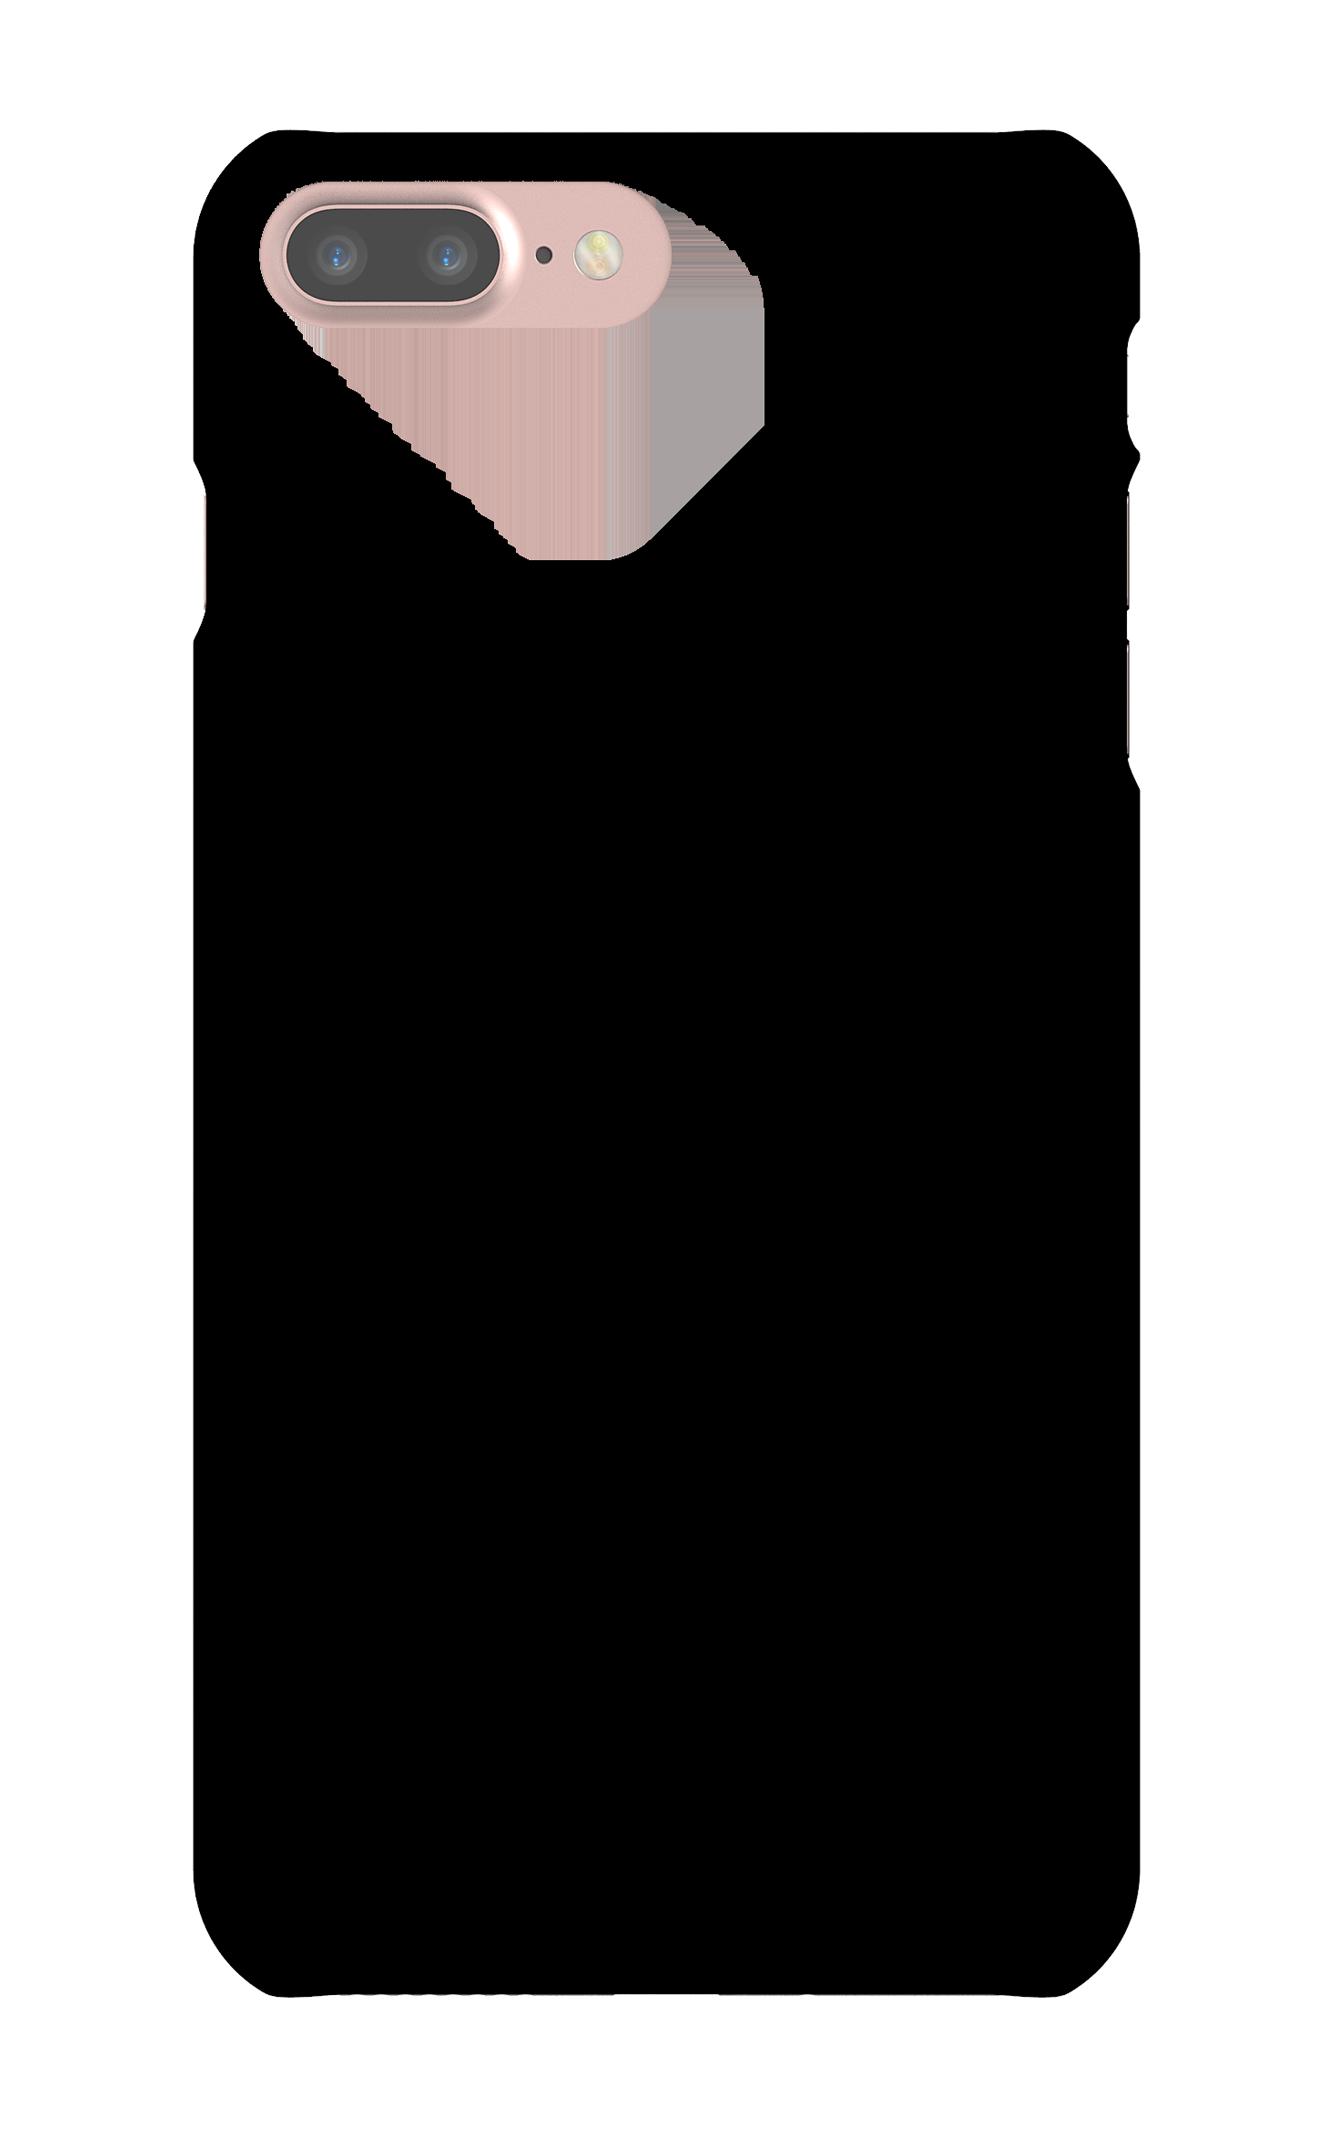 Iphone clipart phone case. Custom cases print aura